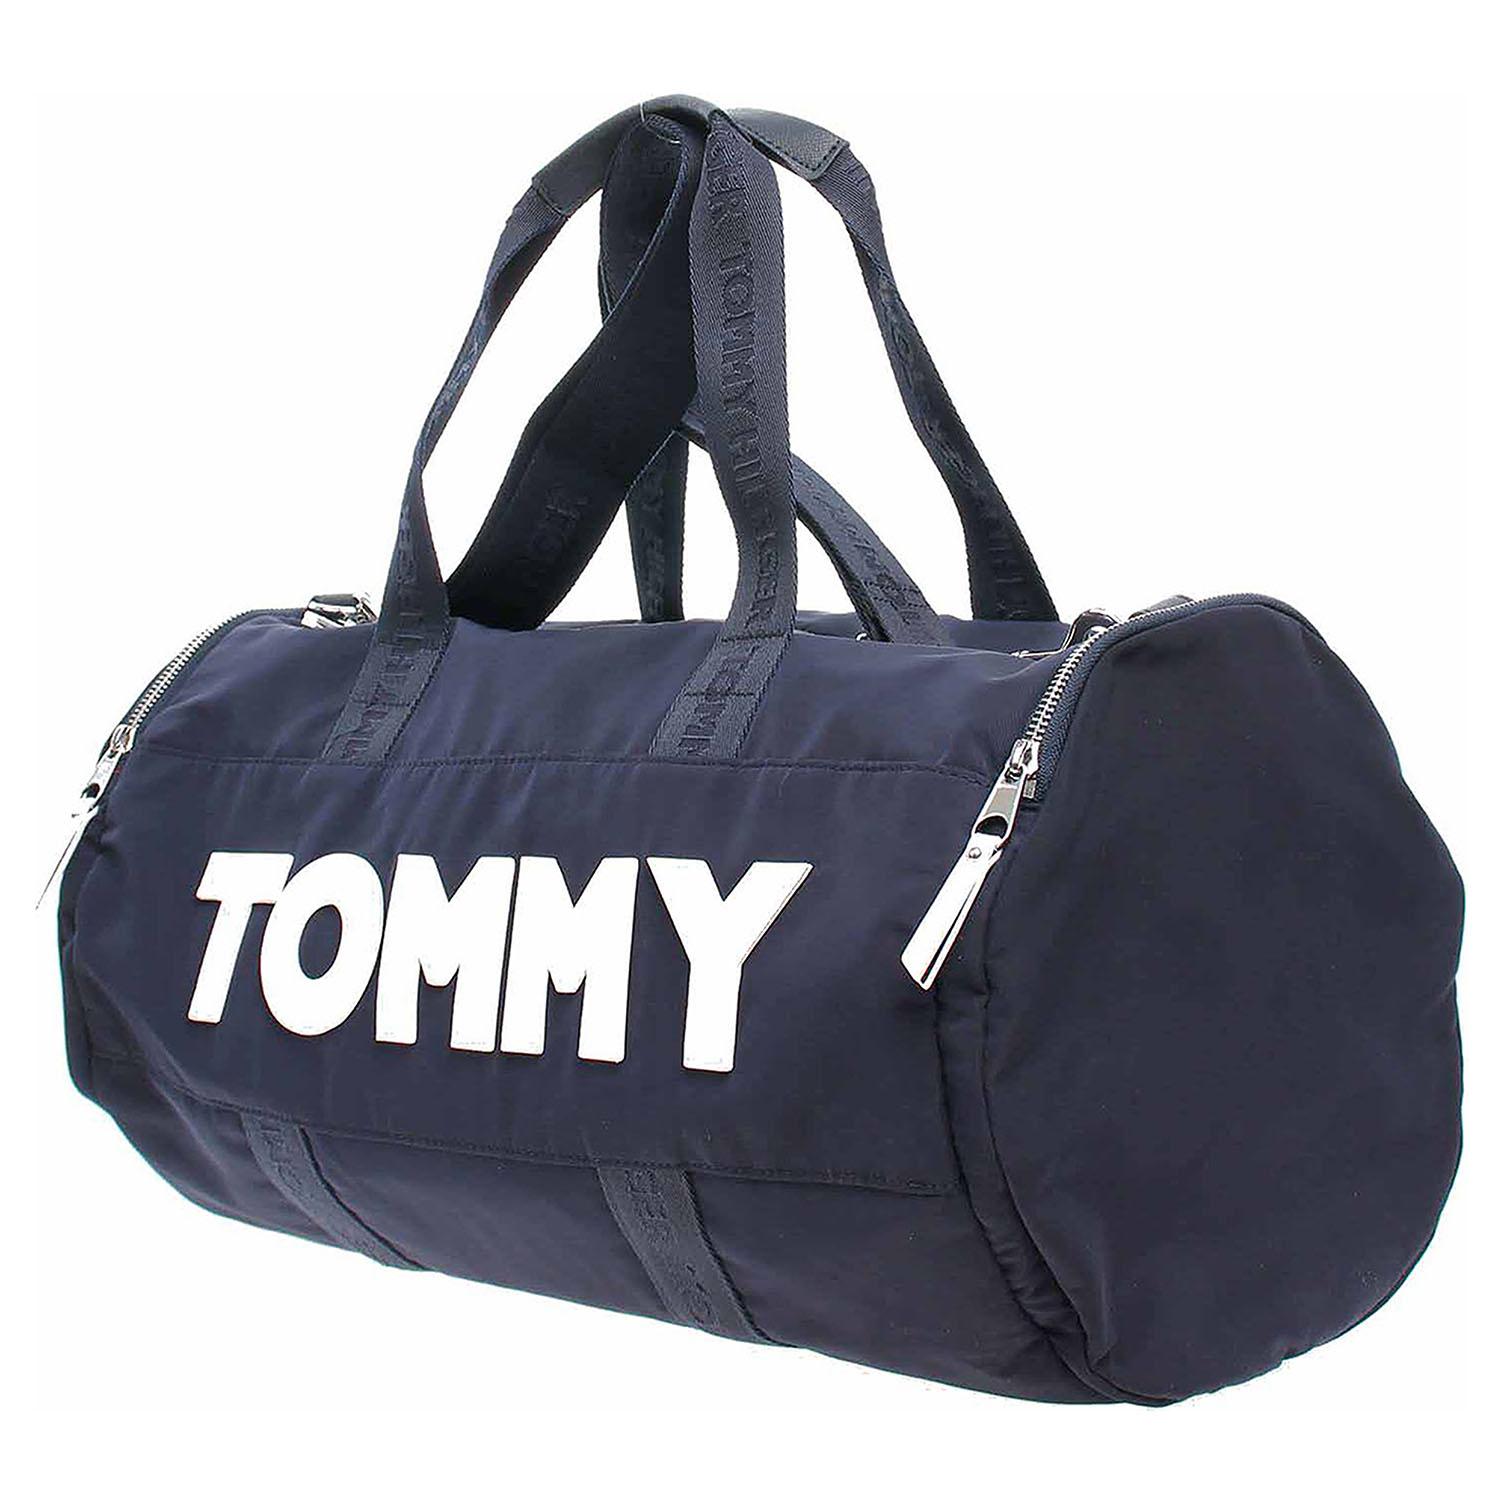 Ecco Tommy Hilfiger unisex taška AW0AW04952 413 tommy navy 10701204